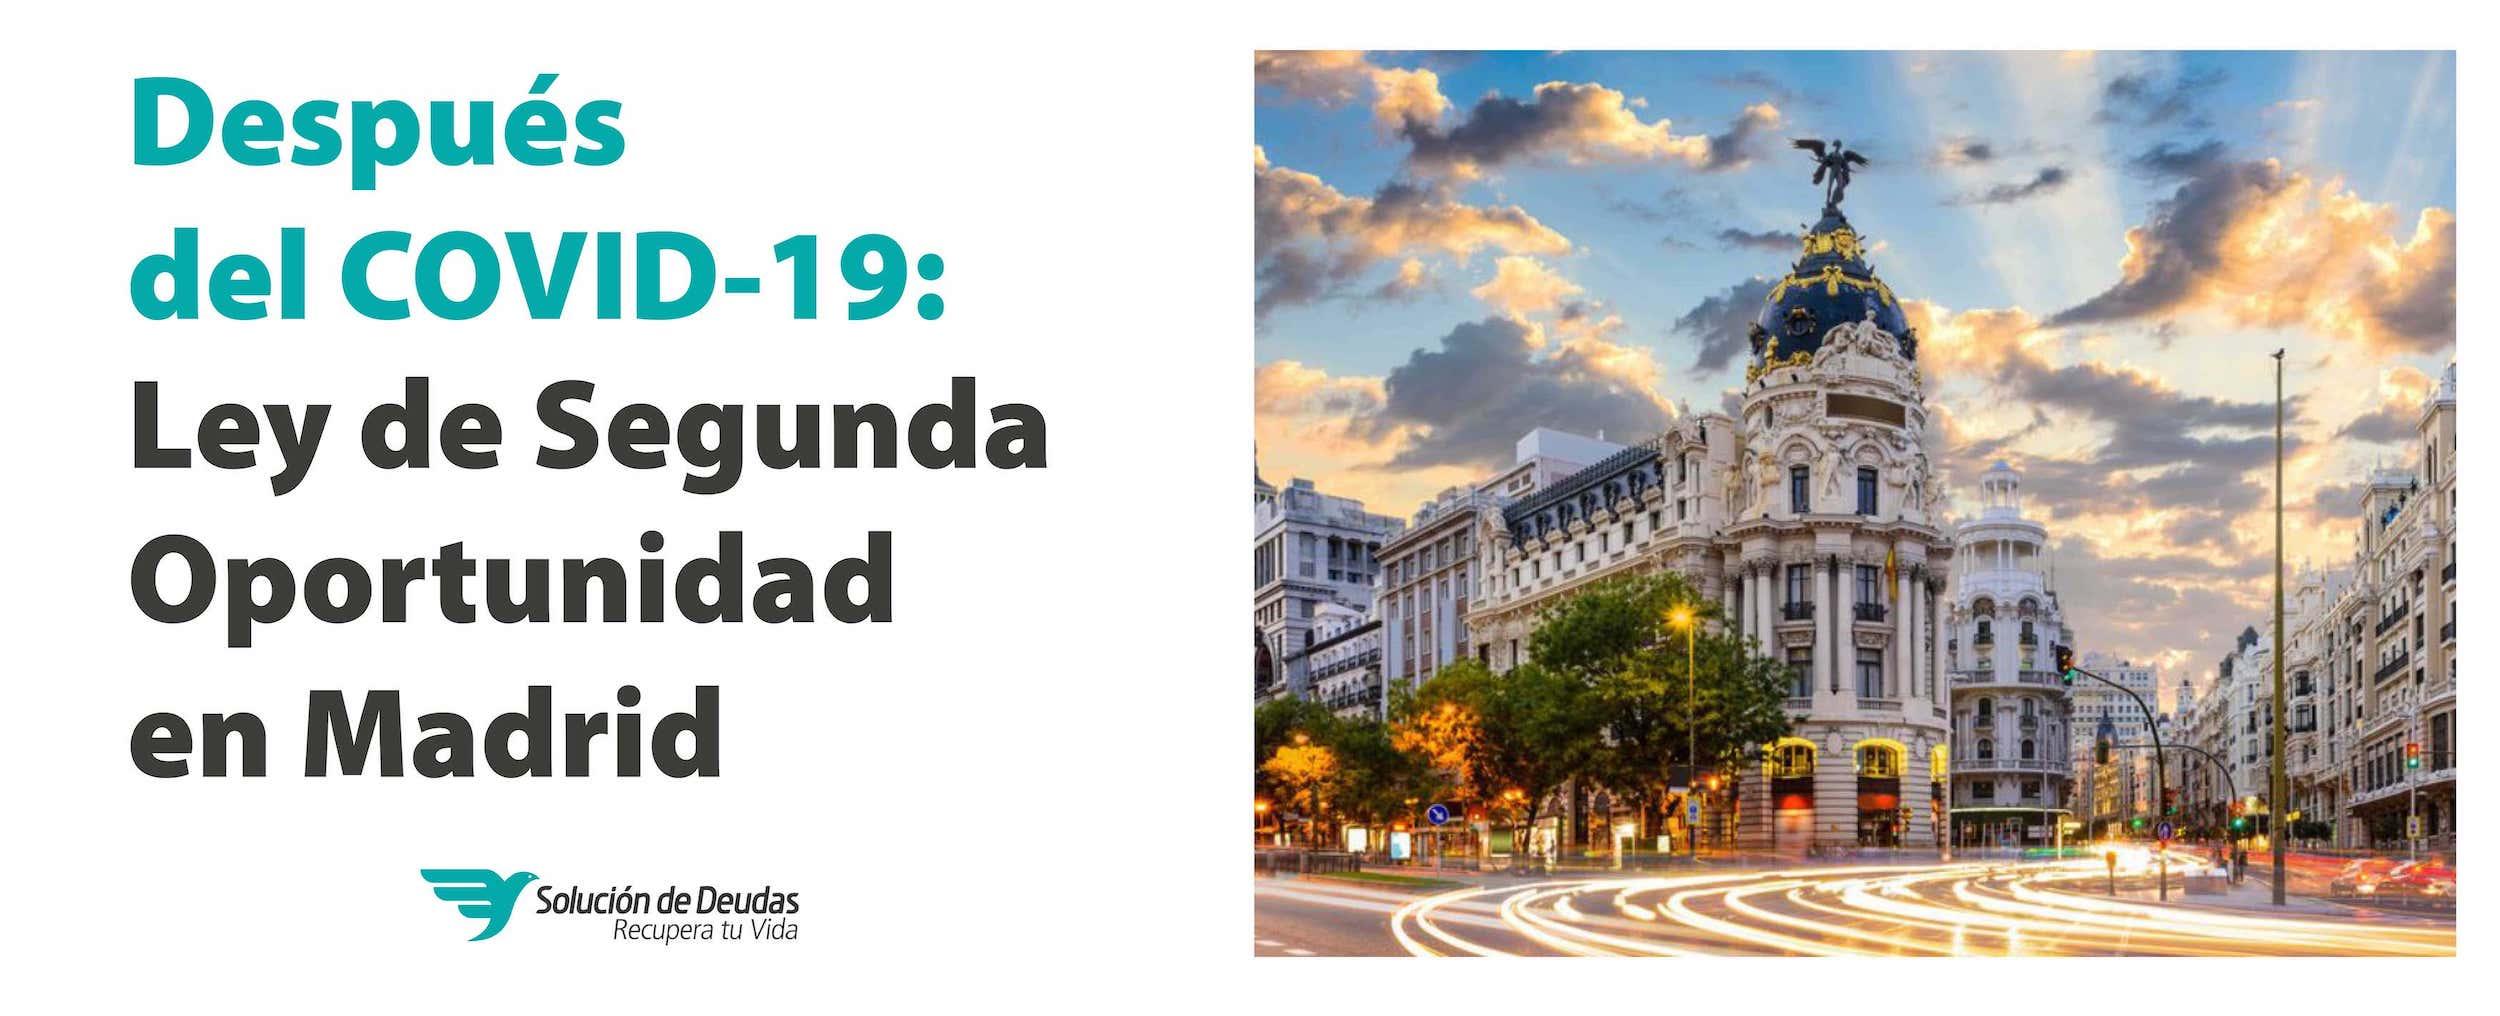 Ley de segunda Oportunidad en Madrid